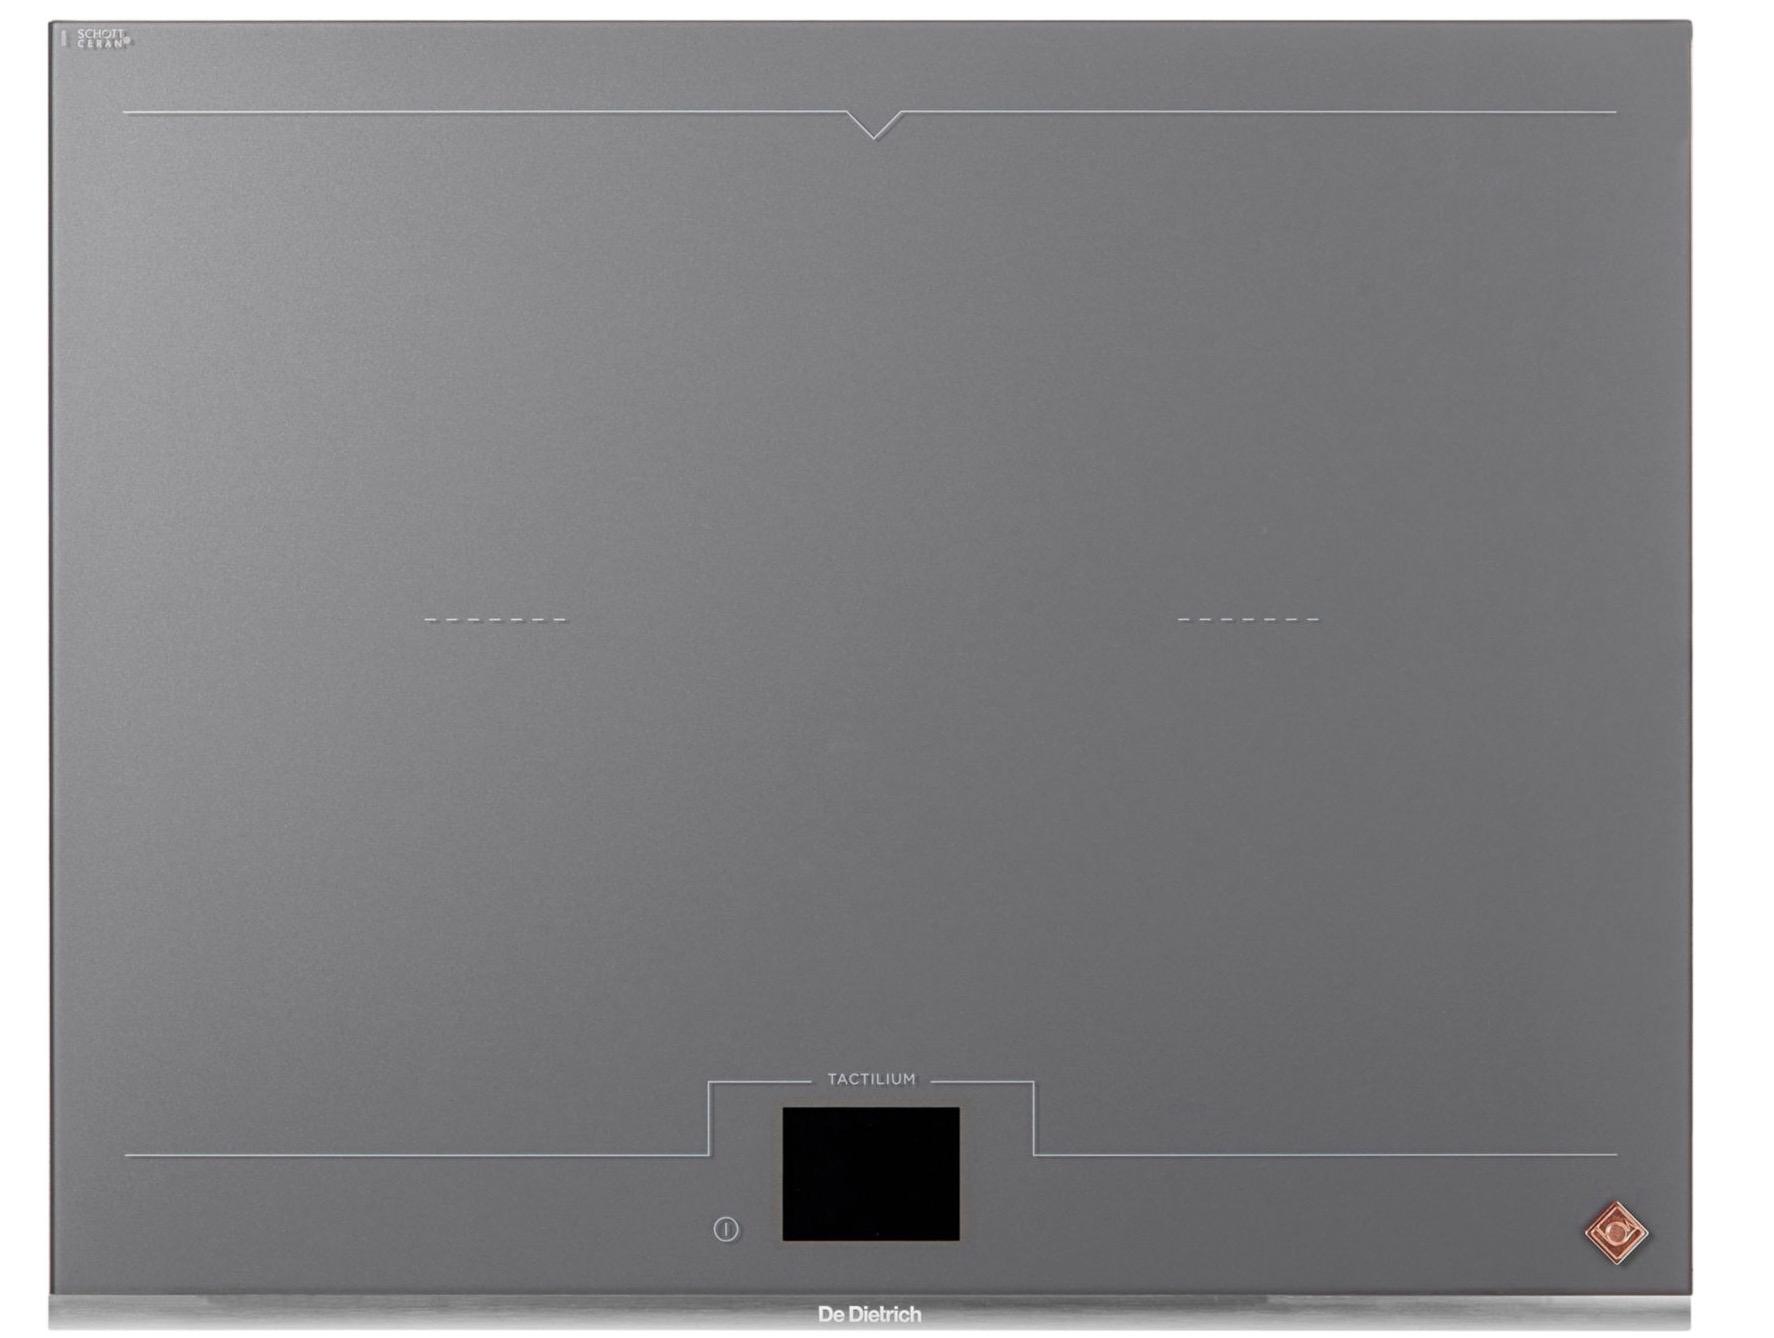 Achat Plaque Induction Pas Cher plaque de cuisson archives < promos, deals, offres et guides